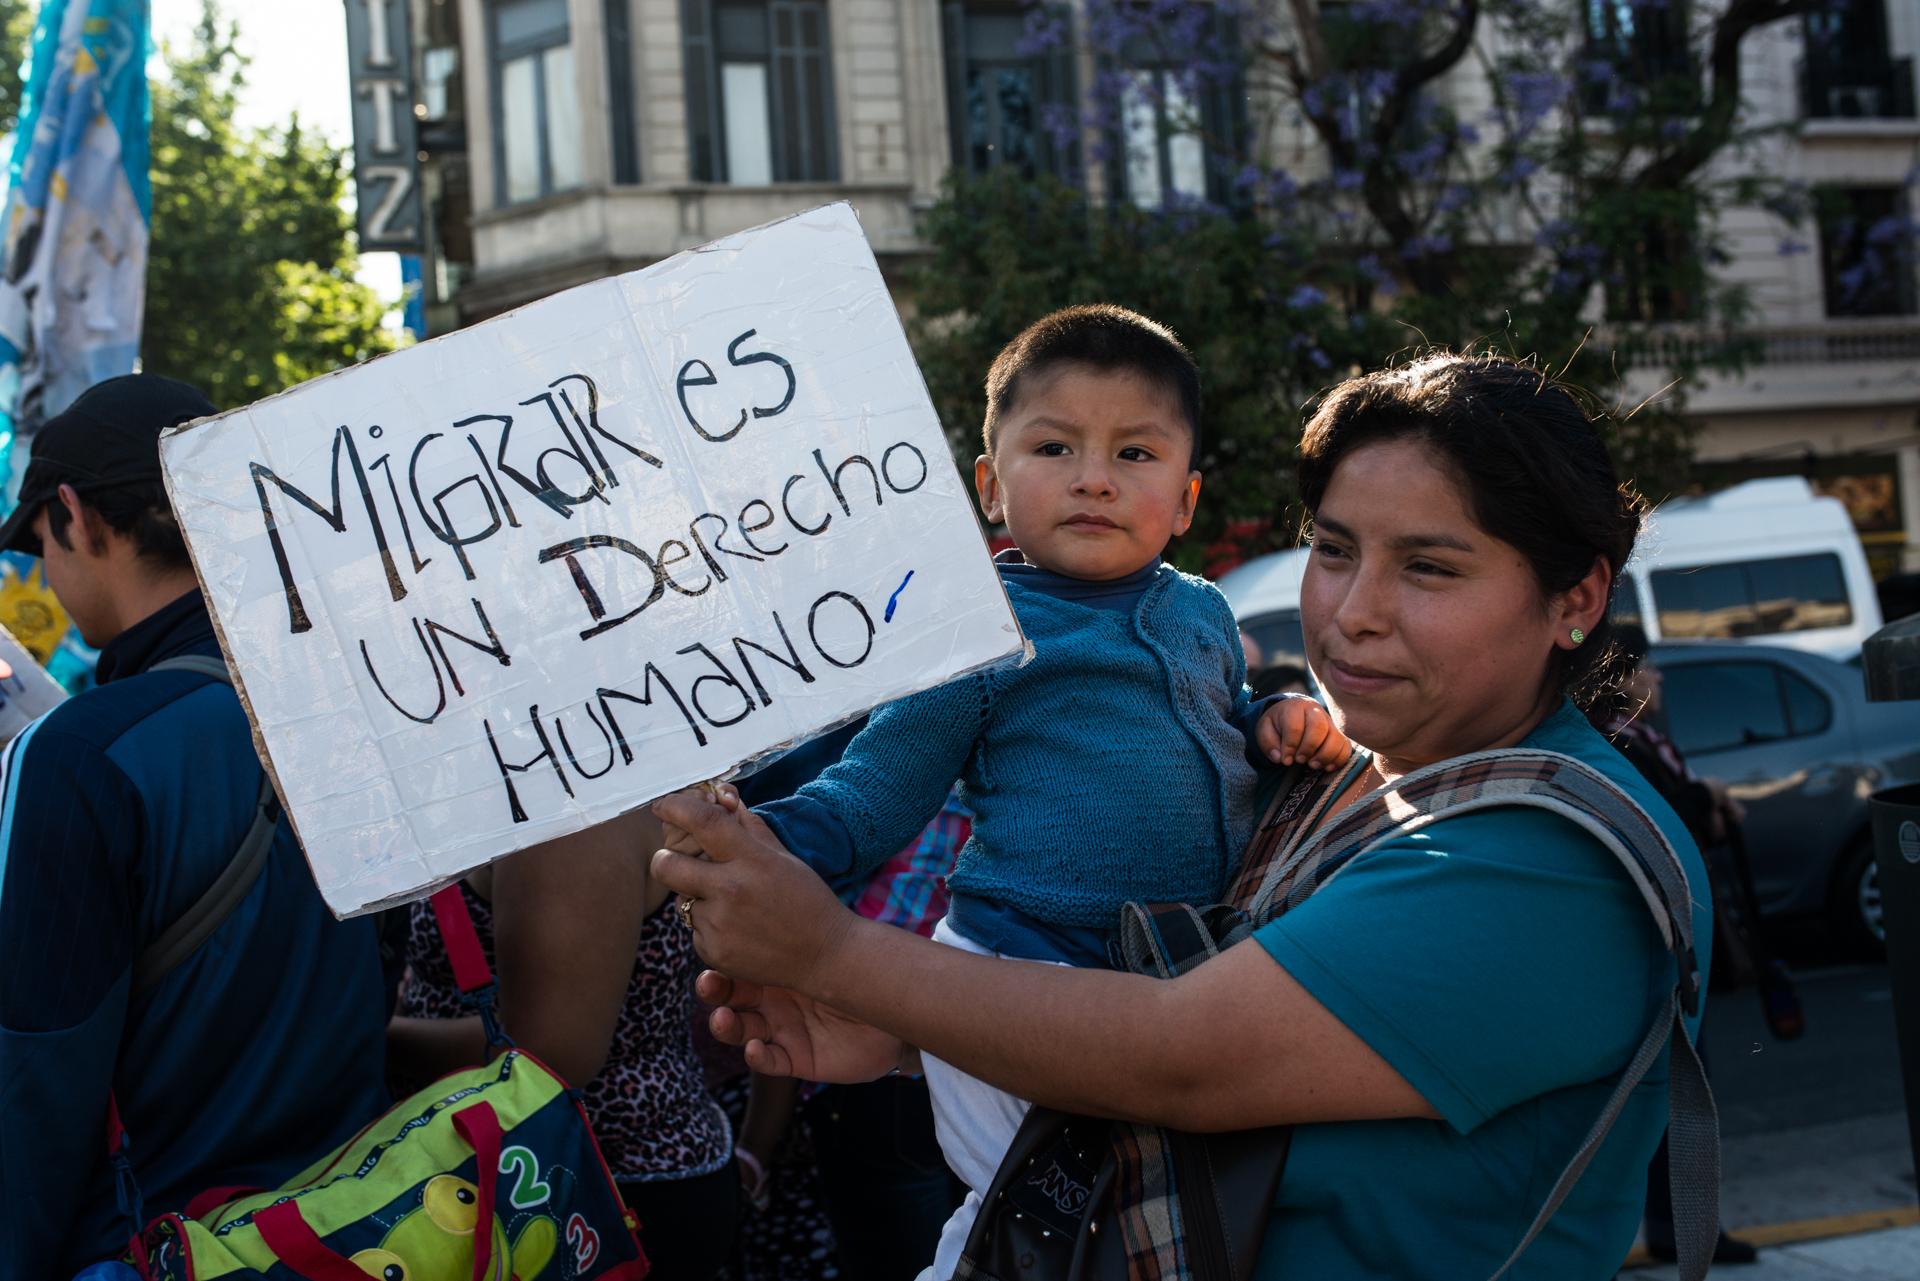 Migrar no es delito: comienza el diálogo con el gobierno